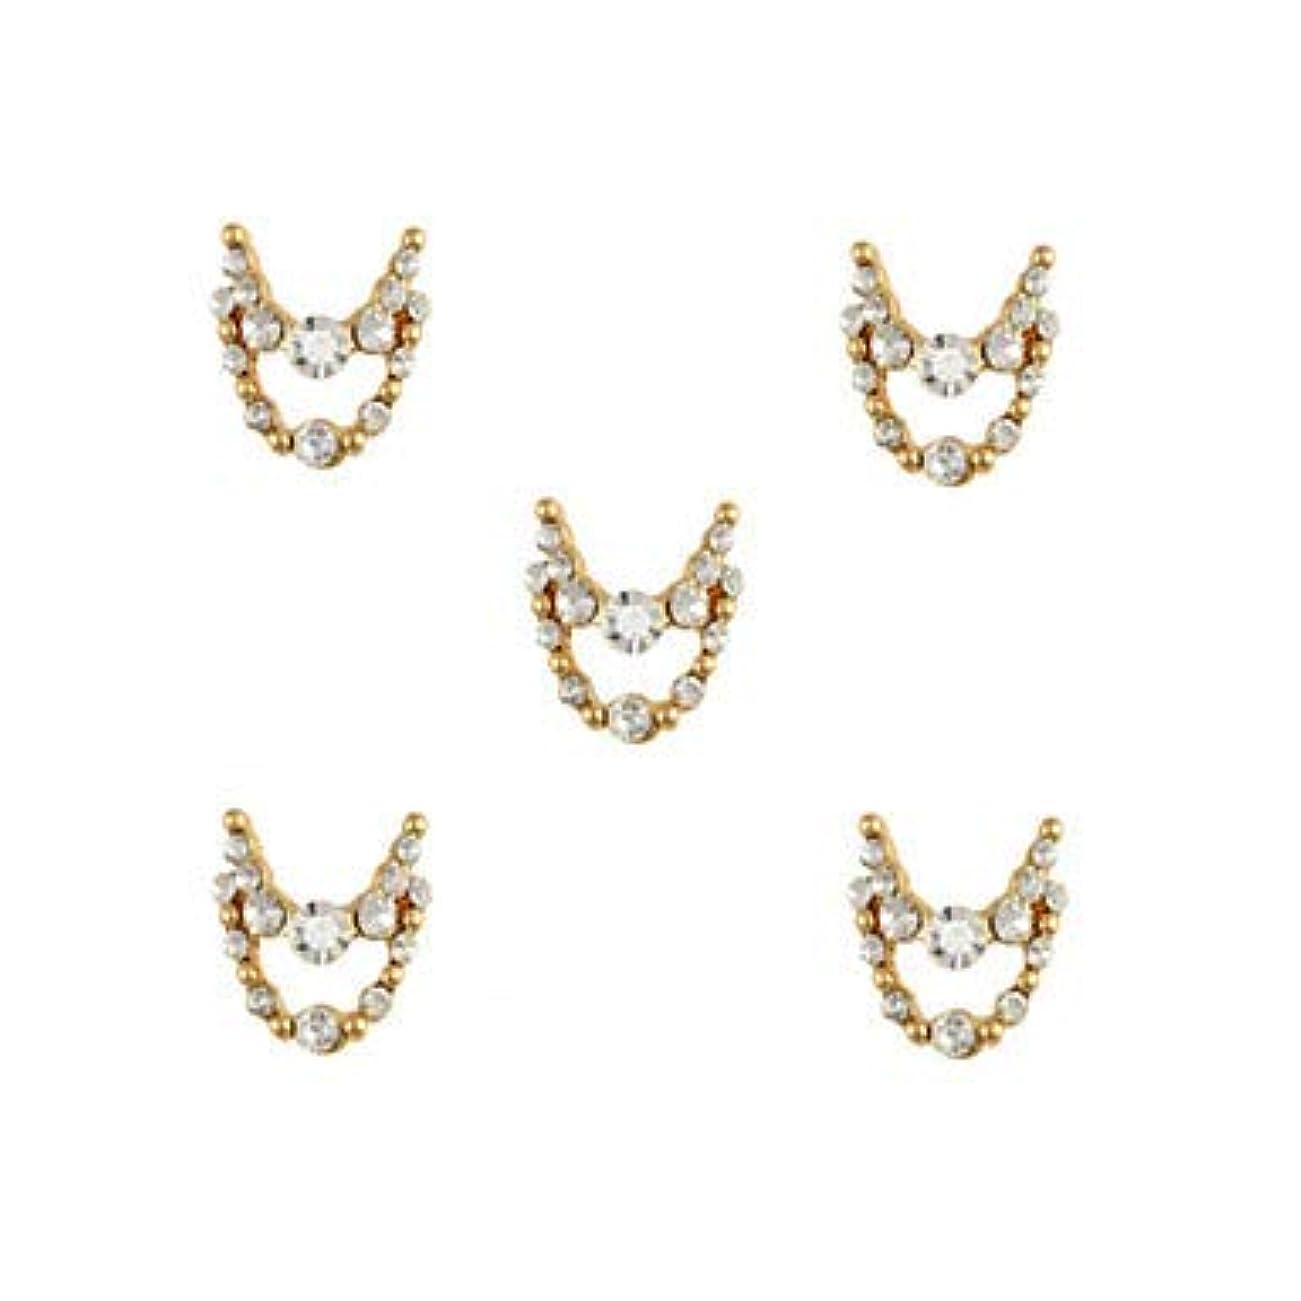 カスタム支払い雄弁家明確なラインストーン3dチャーム合金ネイルアートの装飾が付いている10個入りゴールドネックレスブラブラ